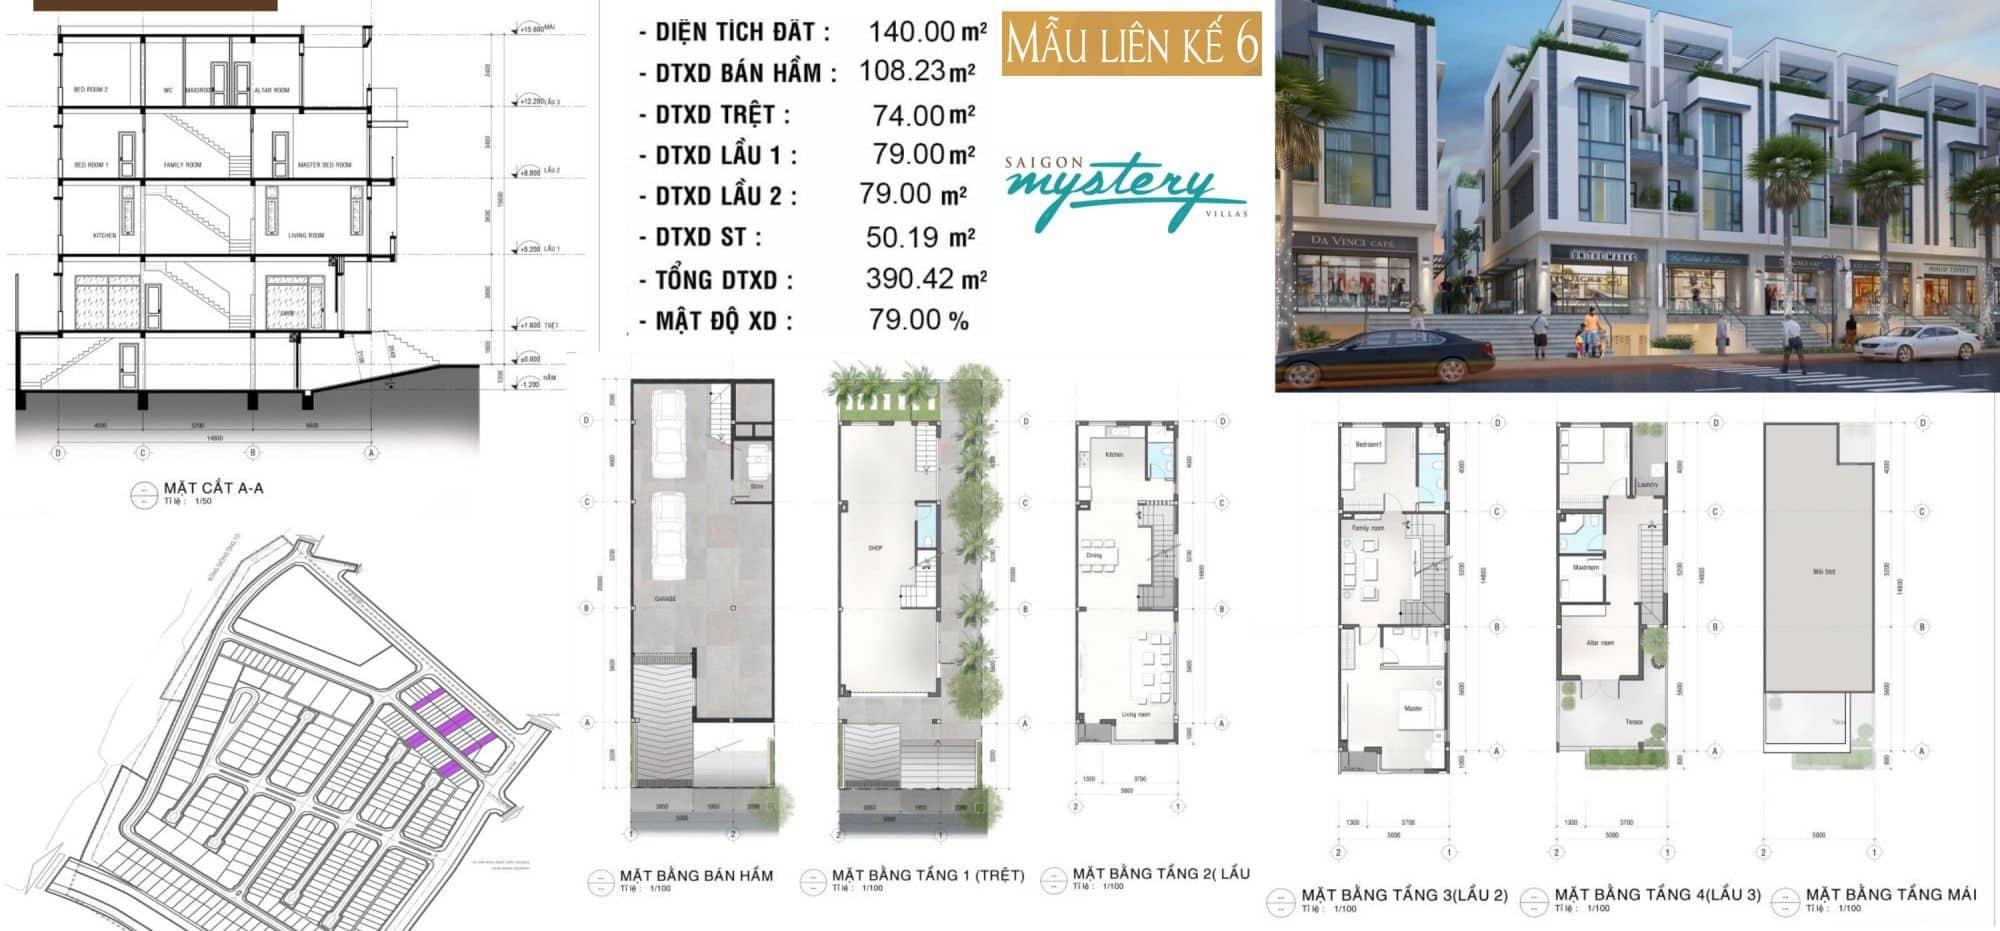 Thiết kế nhà phố liền kế Saigon Mystery Villas mẫu 6